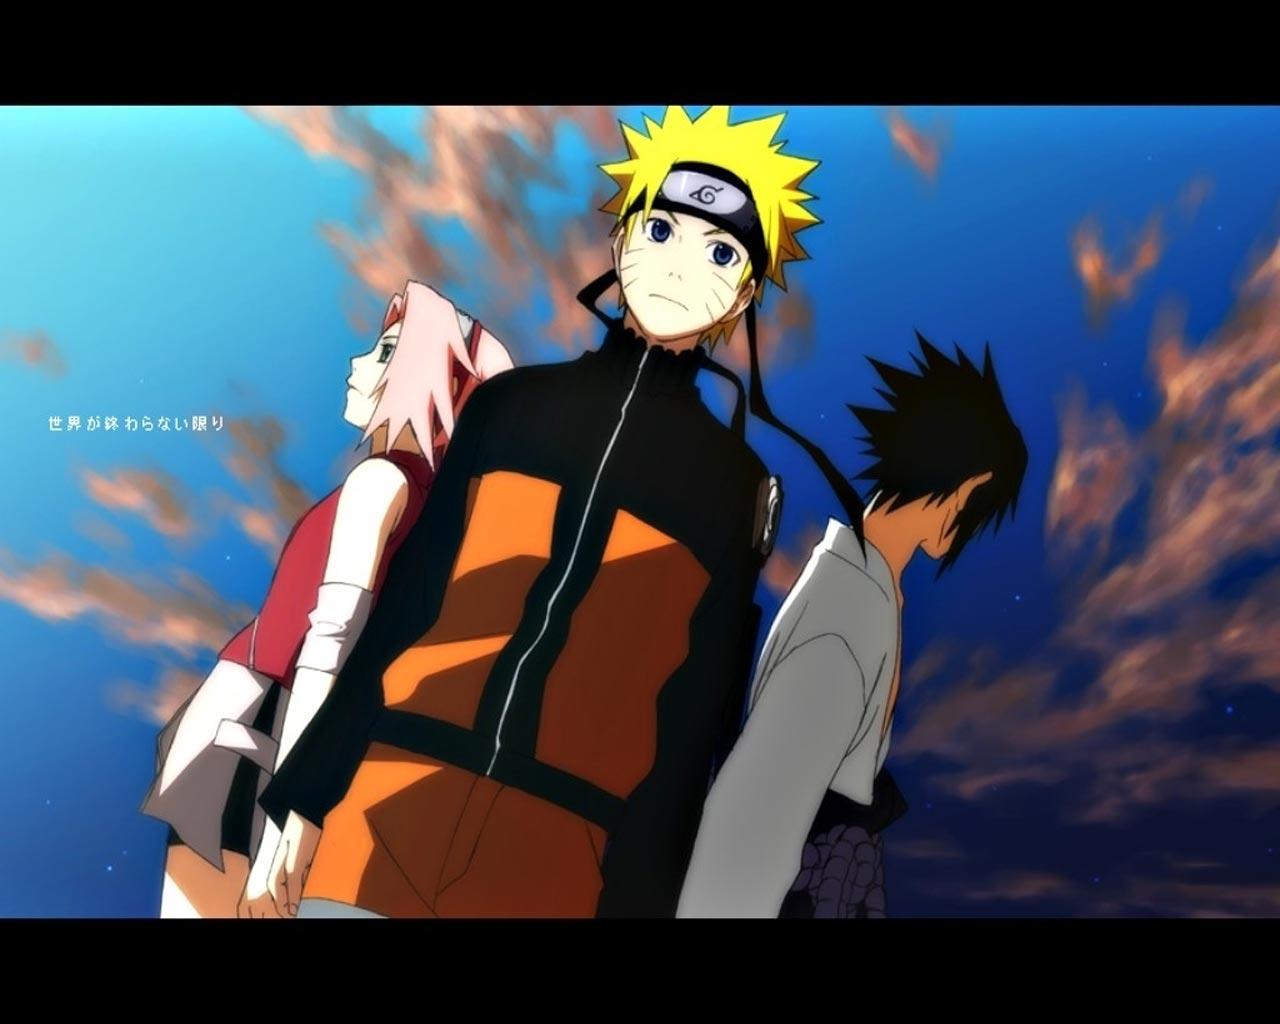 http://2.bp.blogspot.com/-q5-_4rBO4vM/TqV6I4e4EHI/AAAAAAAAAG0/TWERQRfp54g/s1600/Naruto_Shippuden+wallpaper+3.jpg